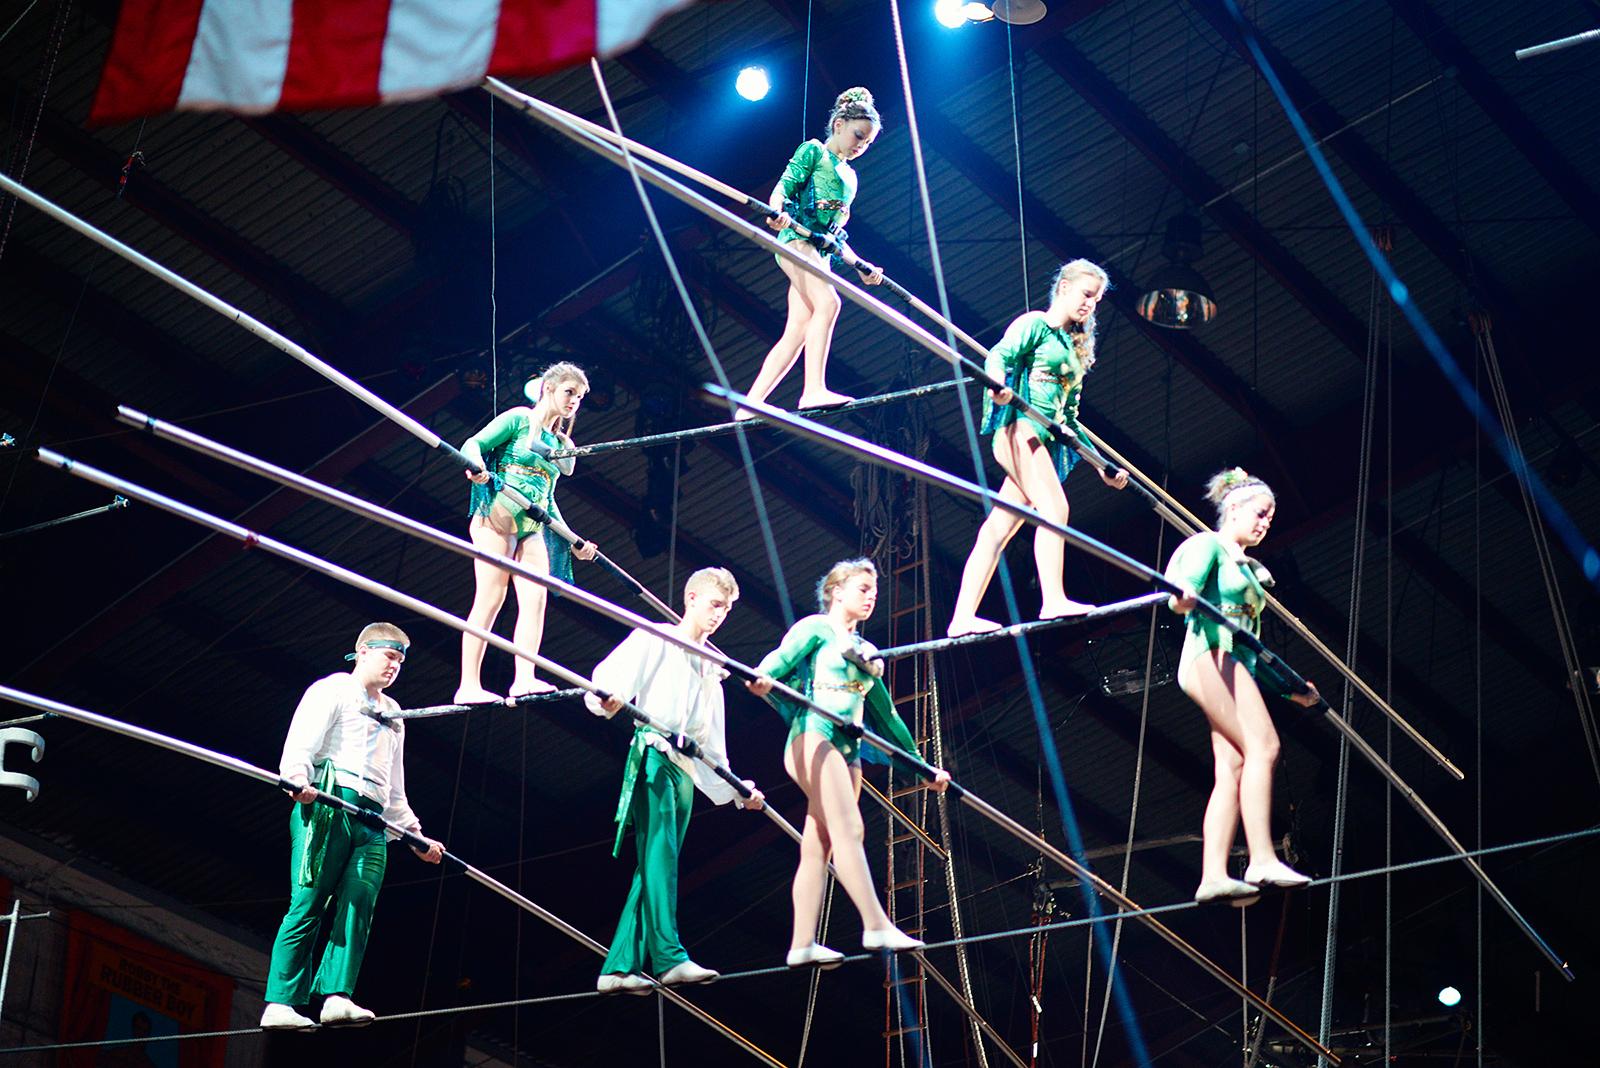 Russian oral amateur acrobats